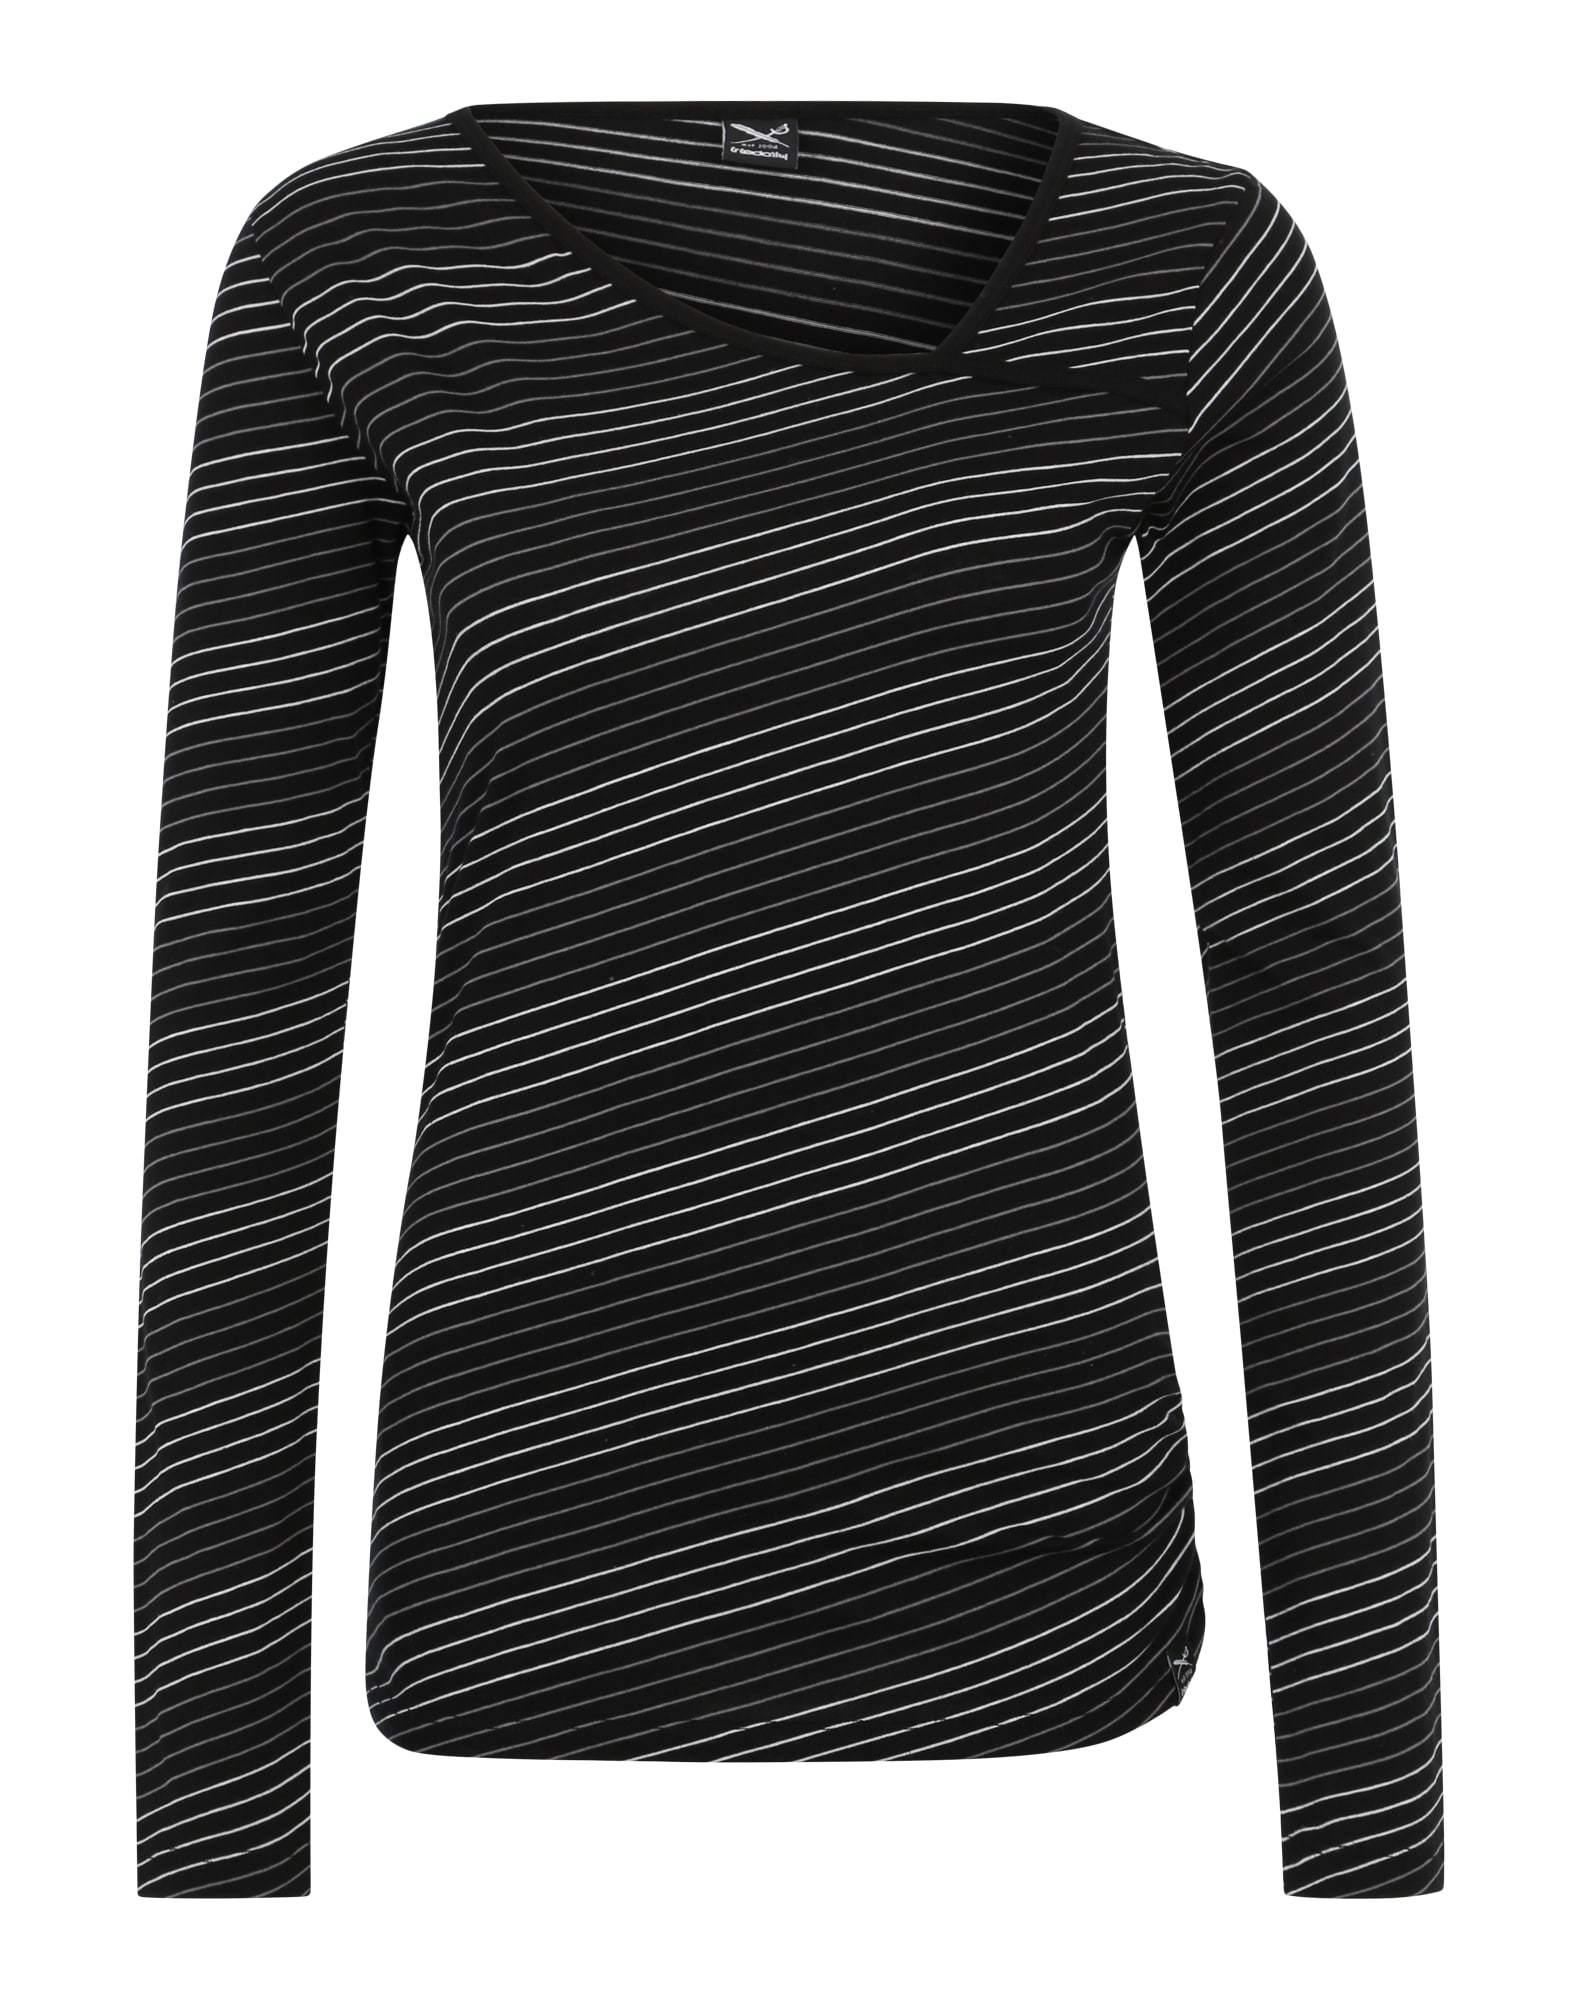 Tričko Asym Stripe 4 černá bílá Iriedaily